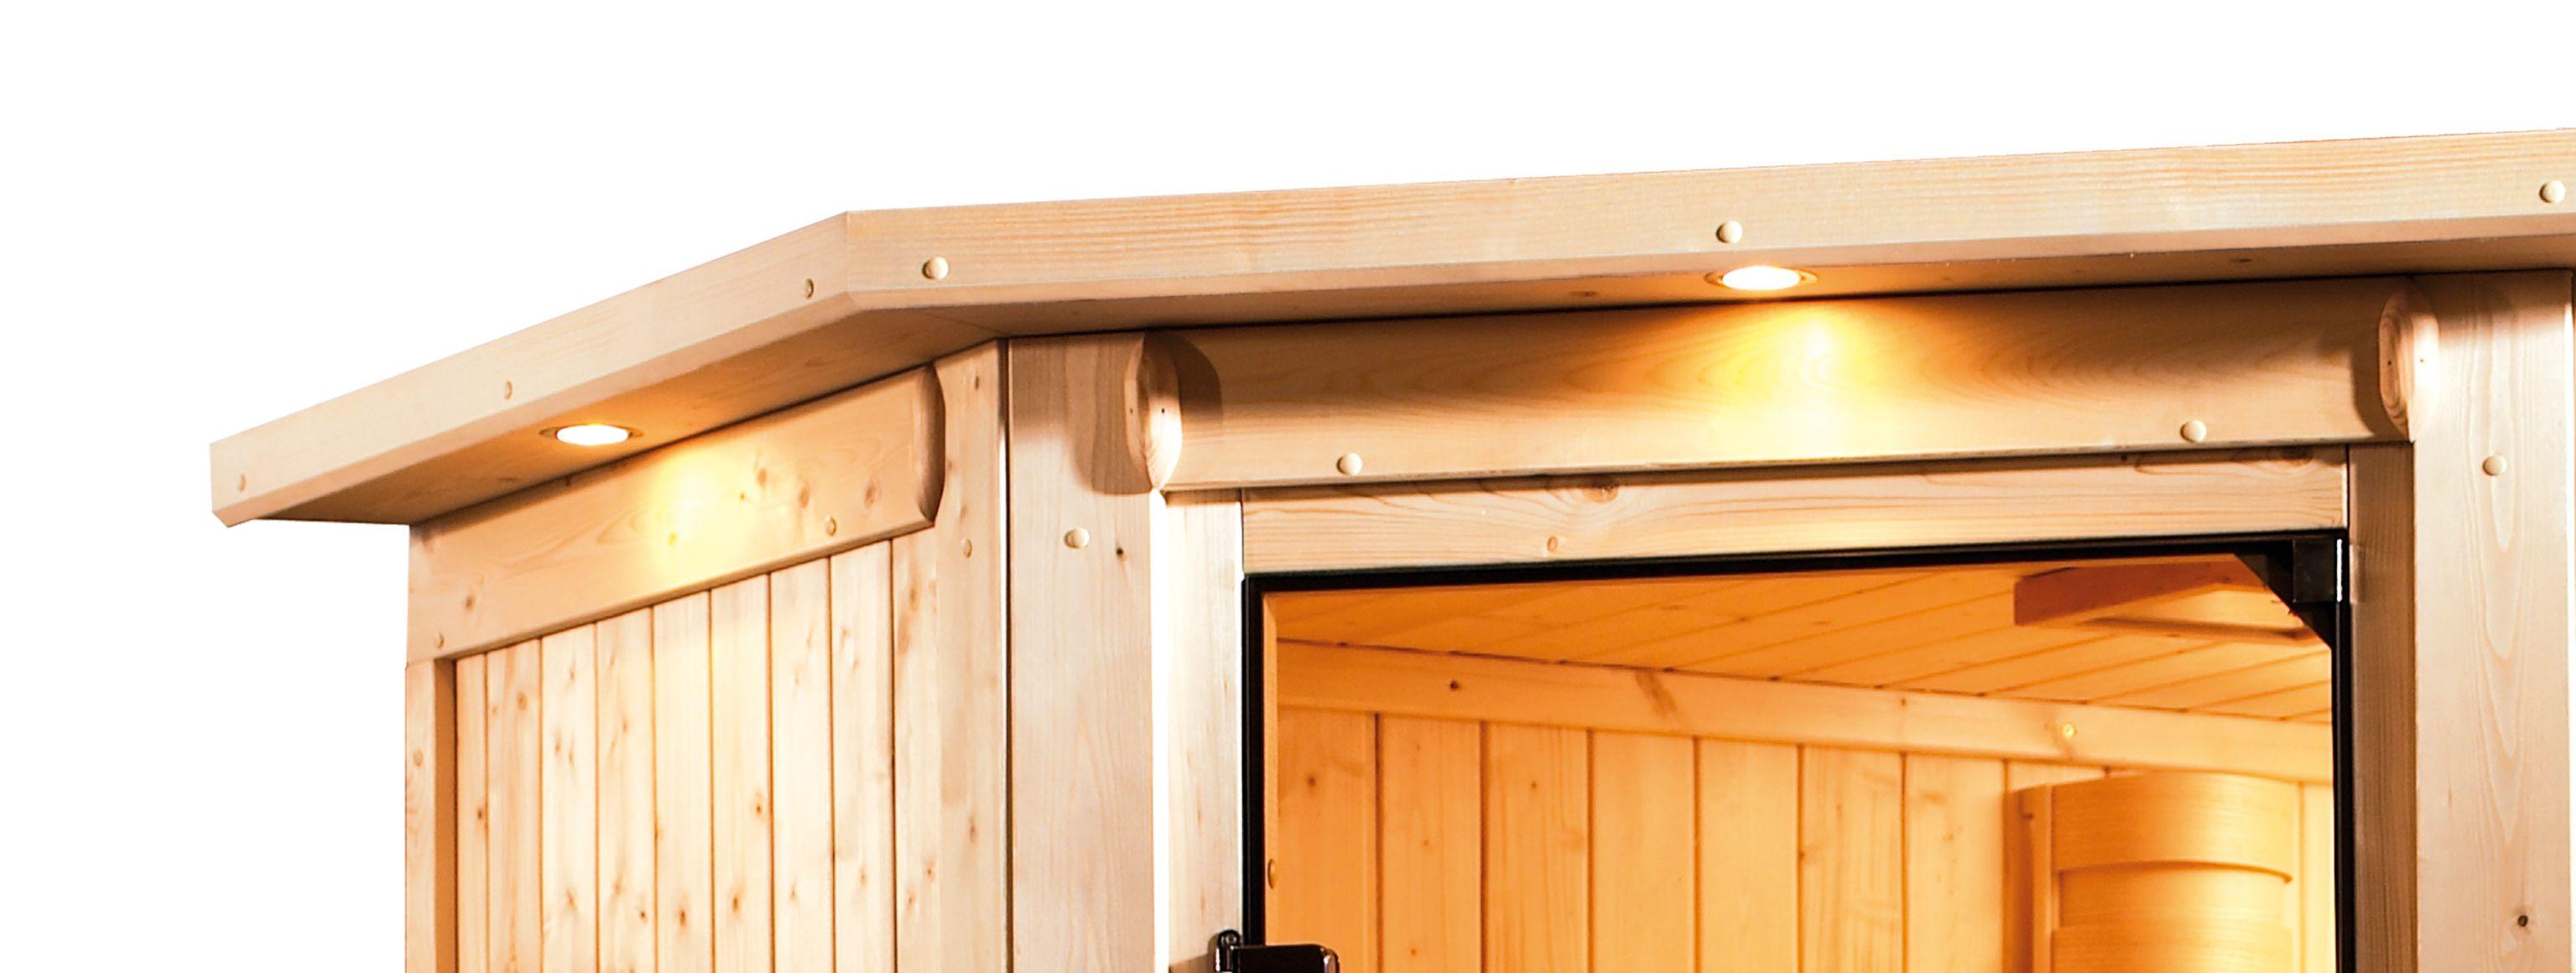 Karibu Sauna Ainur 68mm Superior Kranz Saunaofen 9kW intern Bild 10